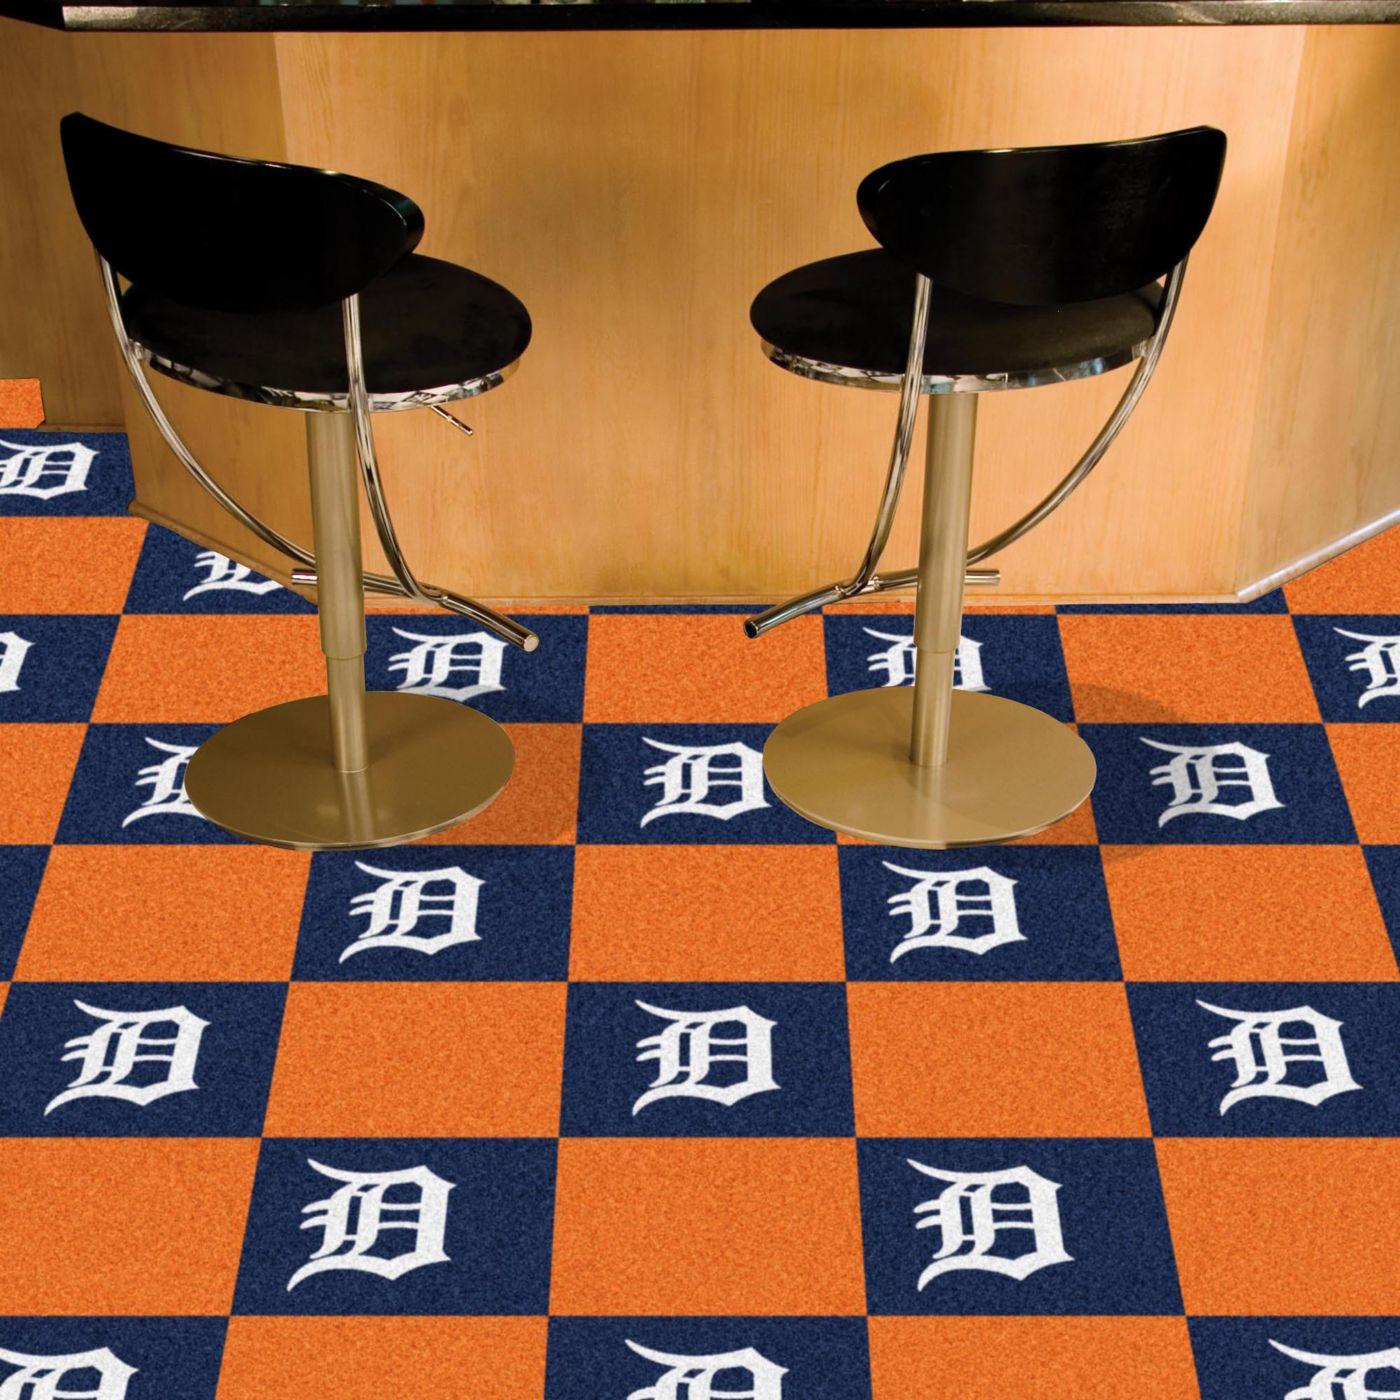 Detroit Tigers Team Carpet Tiles